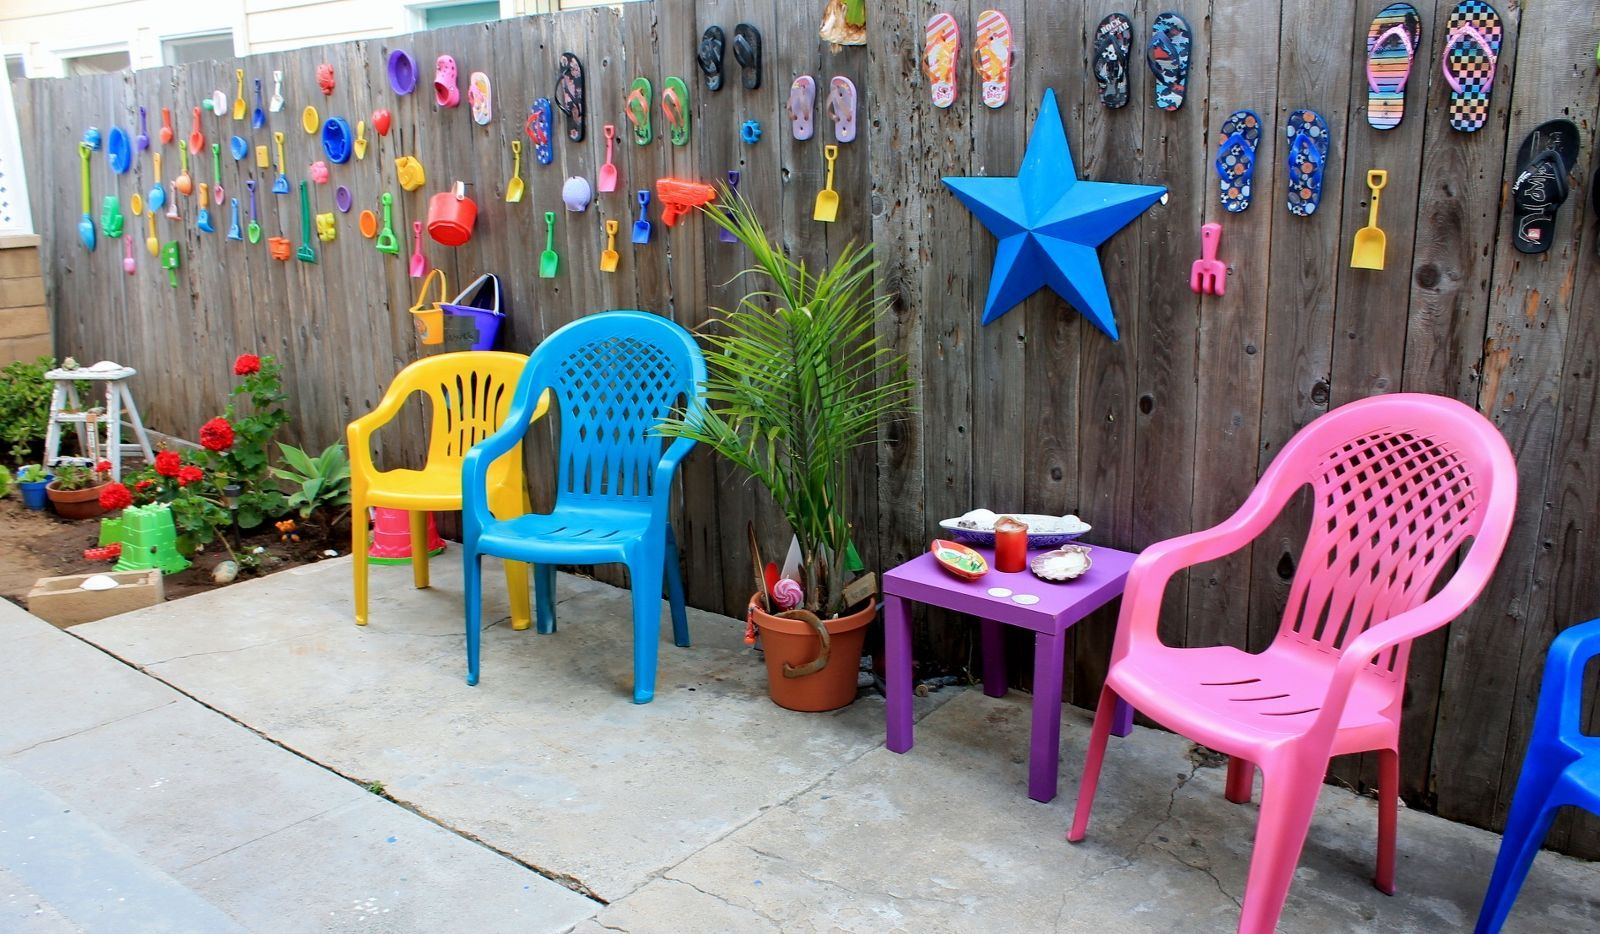 Rinnovare Sedie Di Plastica.Ecco Come Riciclare Le Nostre Vecchie Sedie In Plastica 10 E